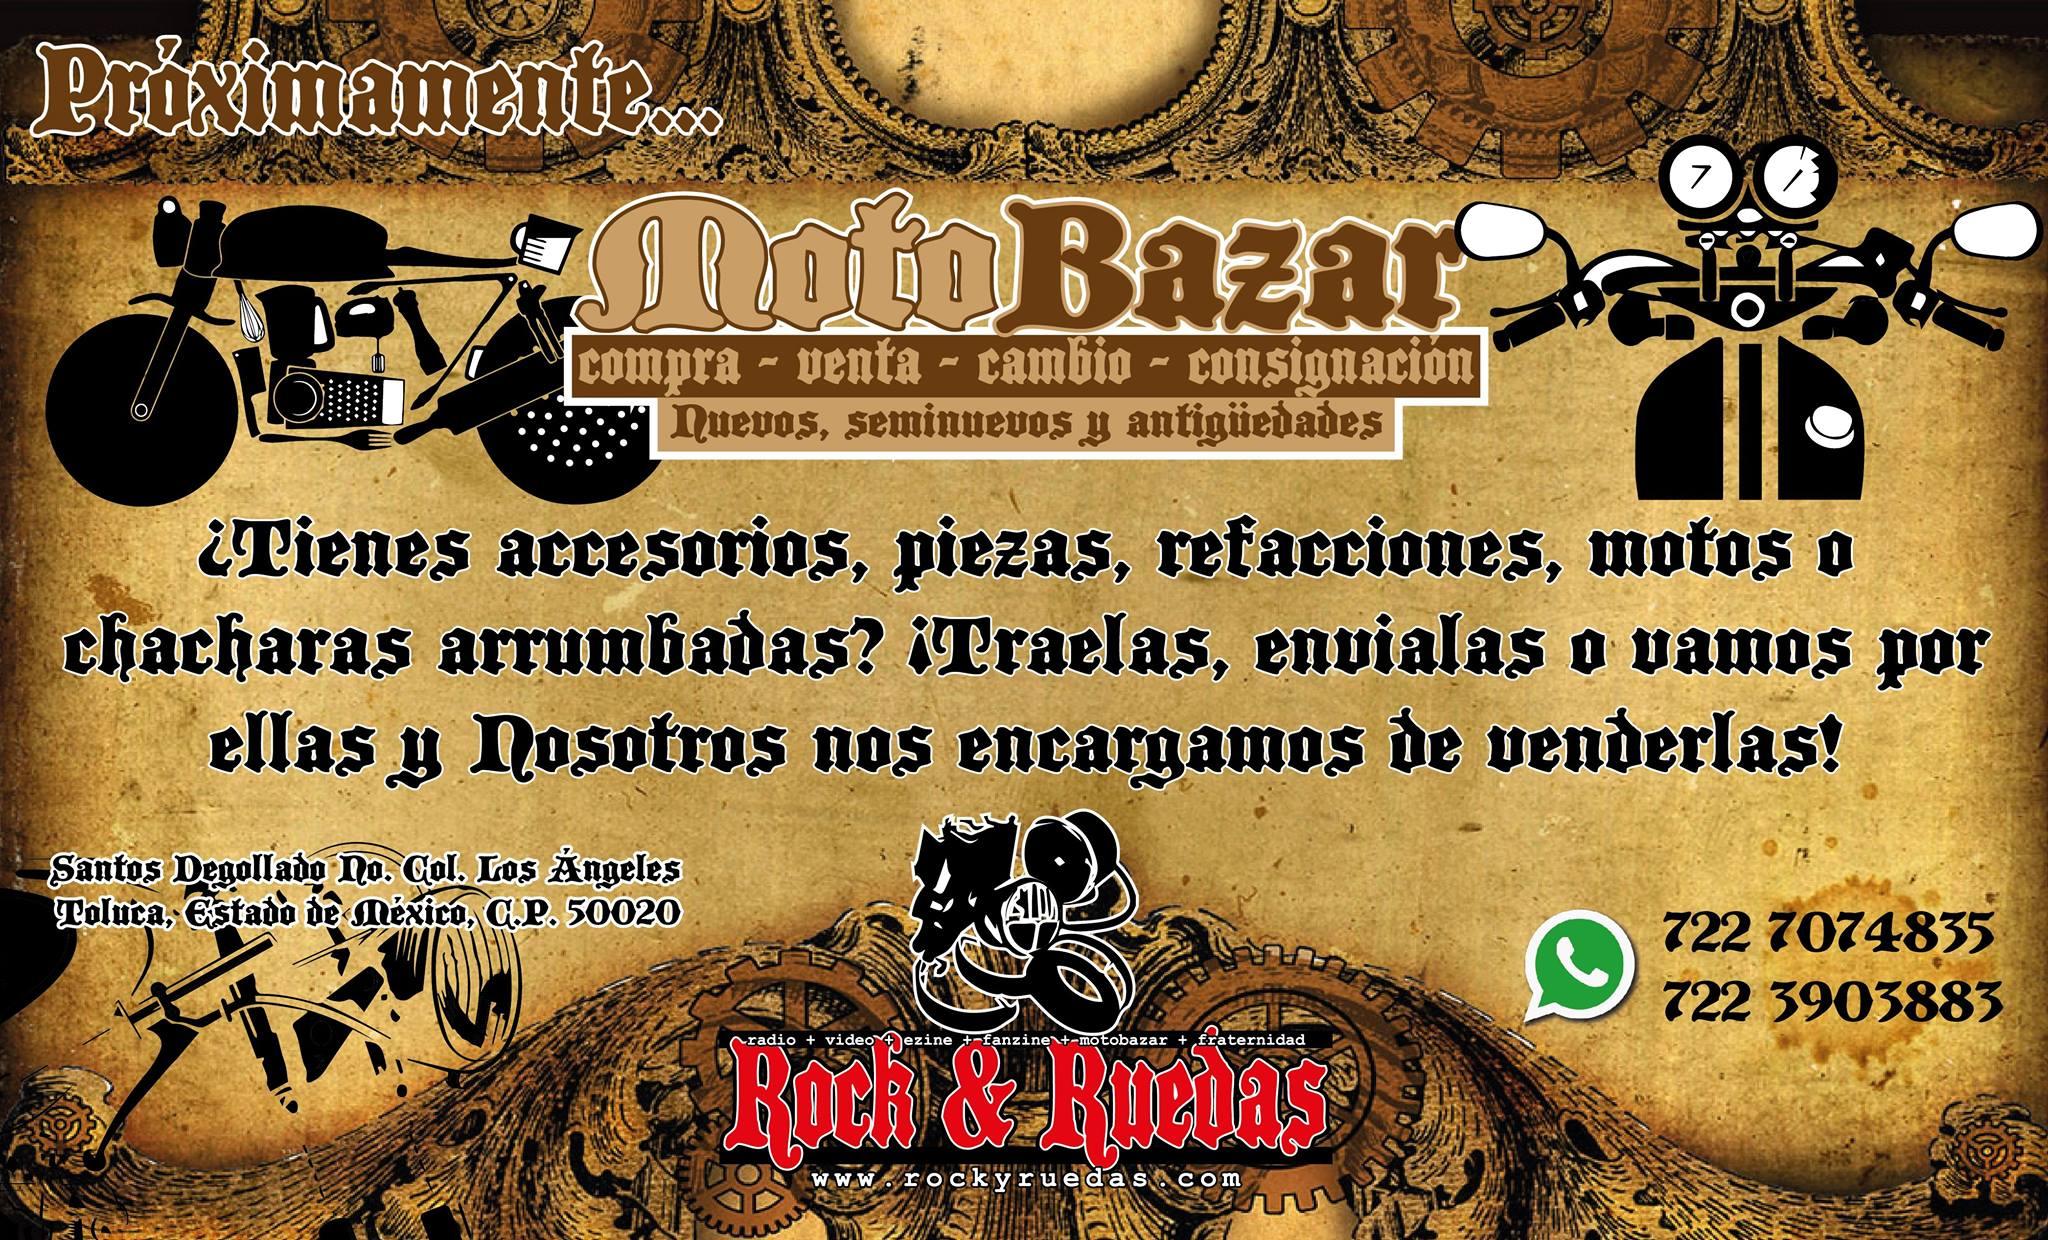 Próximamente MotoBazar de Rock & Ruedas en Toluca